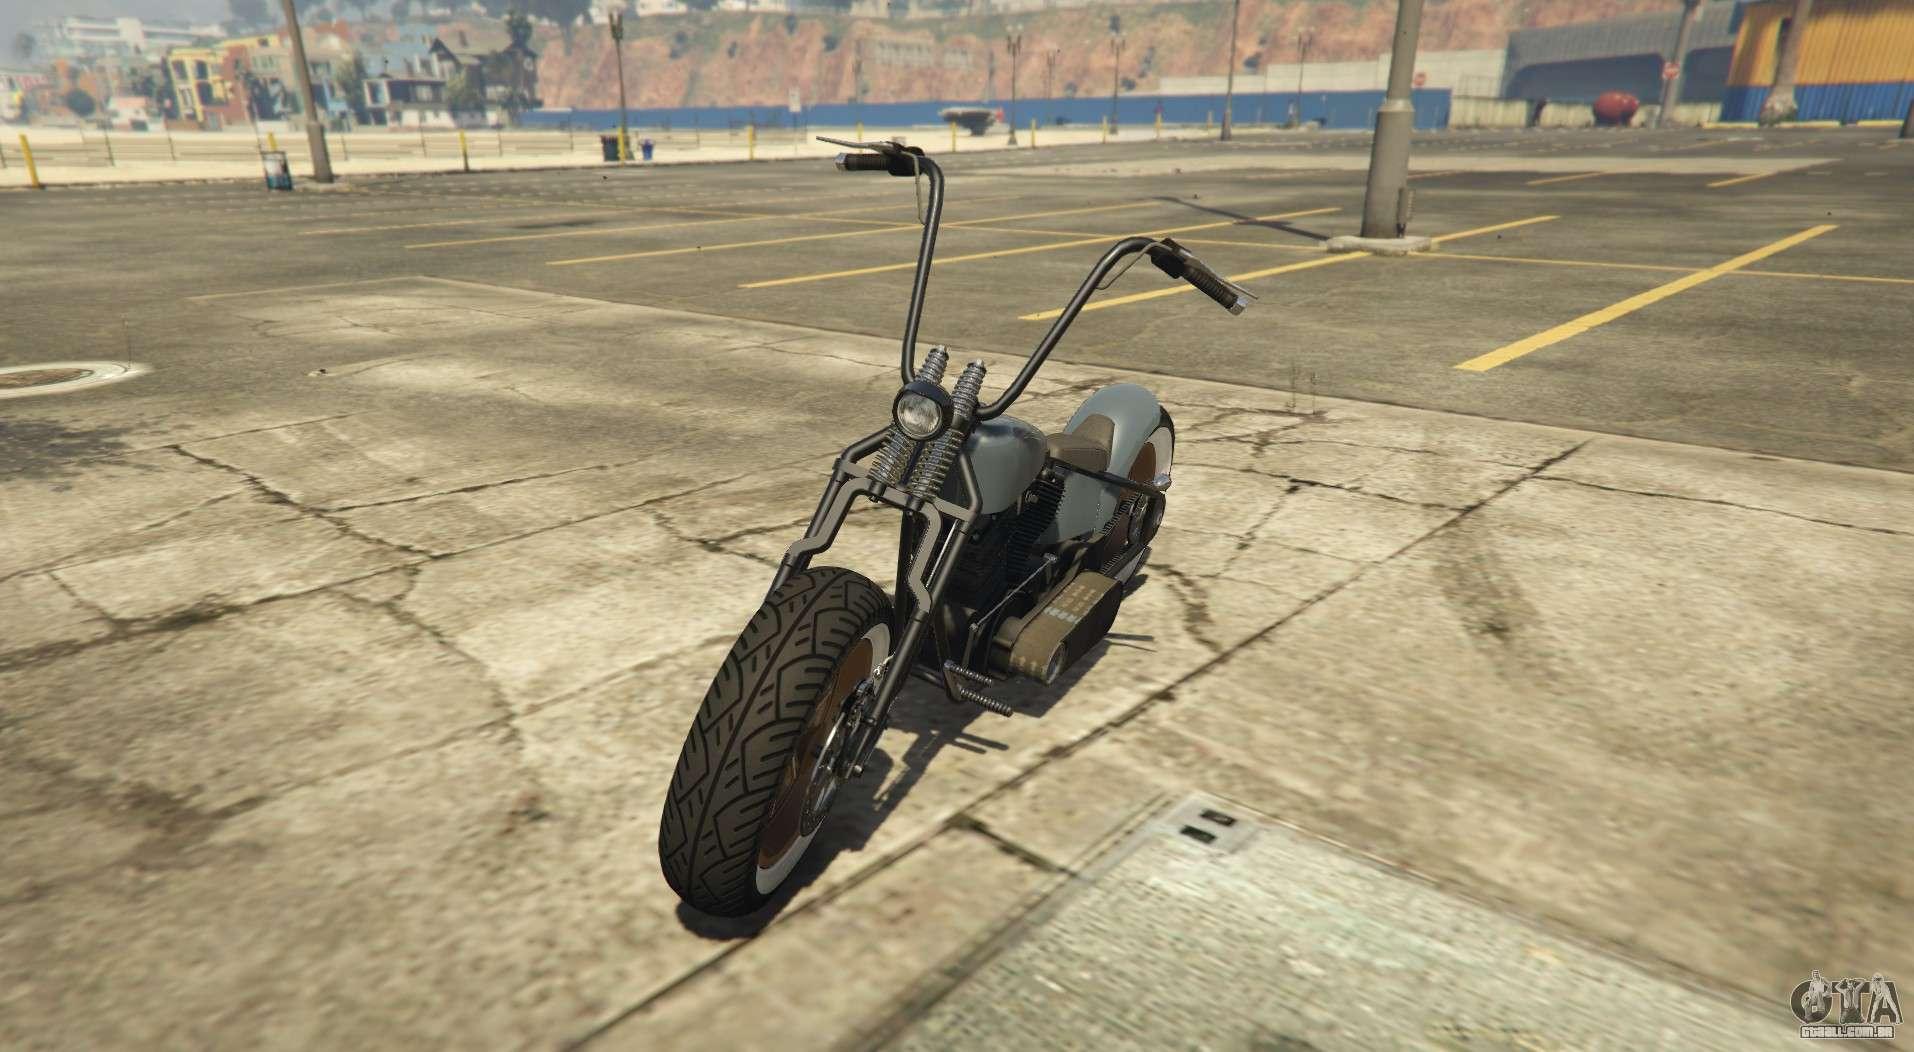 Western Zombie Bobber - bobber variação do Zombie Chopper